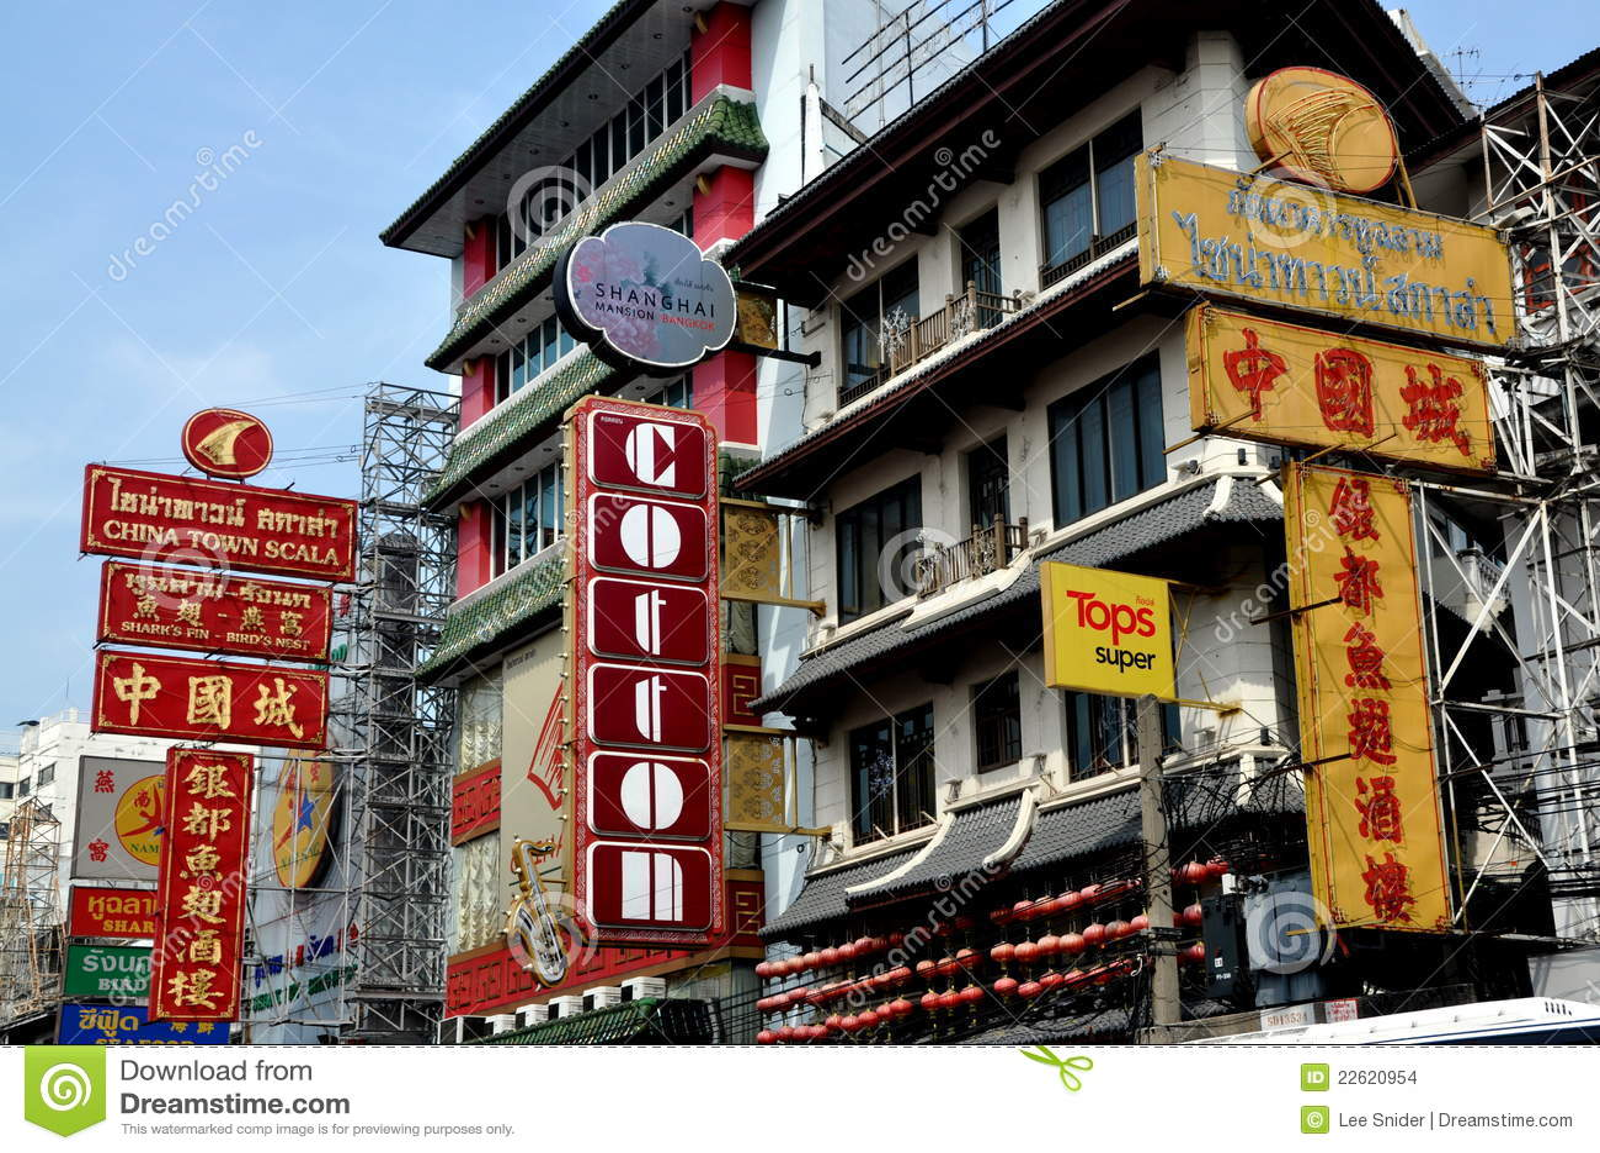 曼谷唐人街,暹罗广场,曼谷唐人街地图